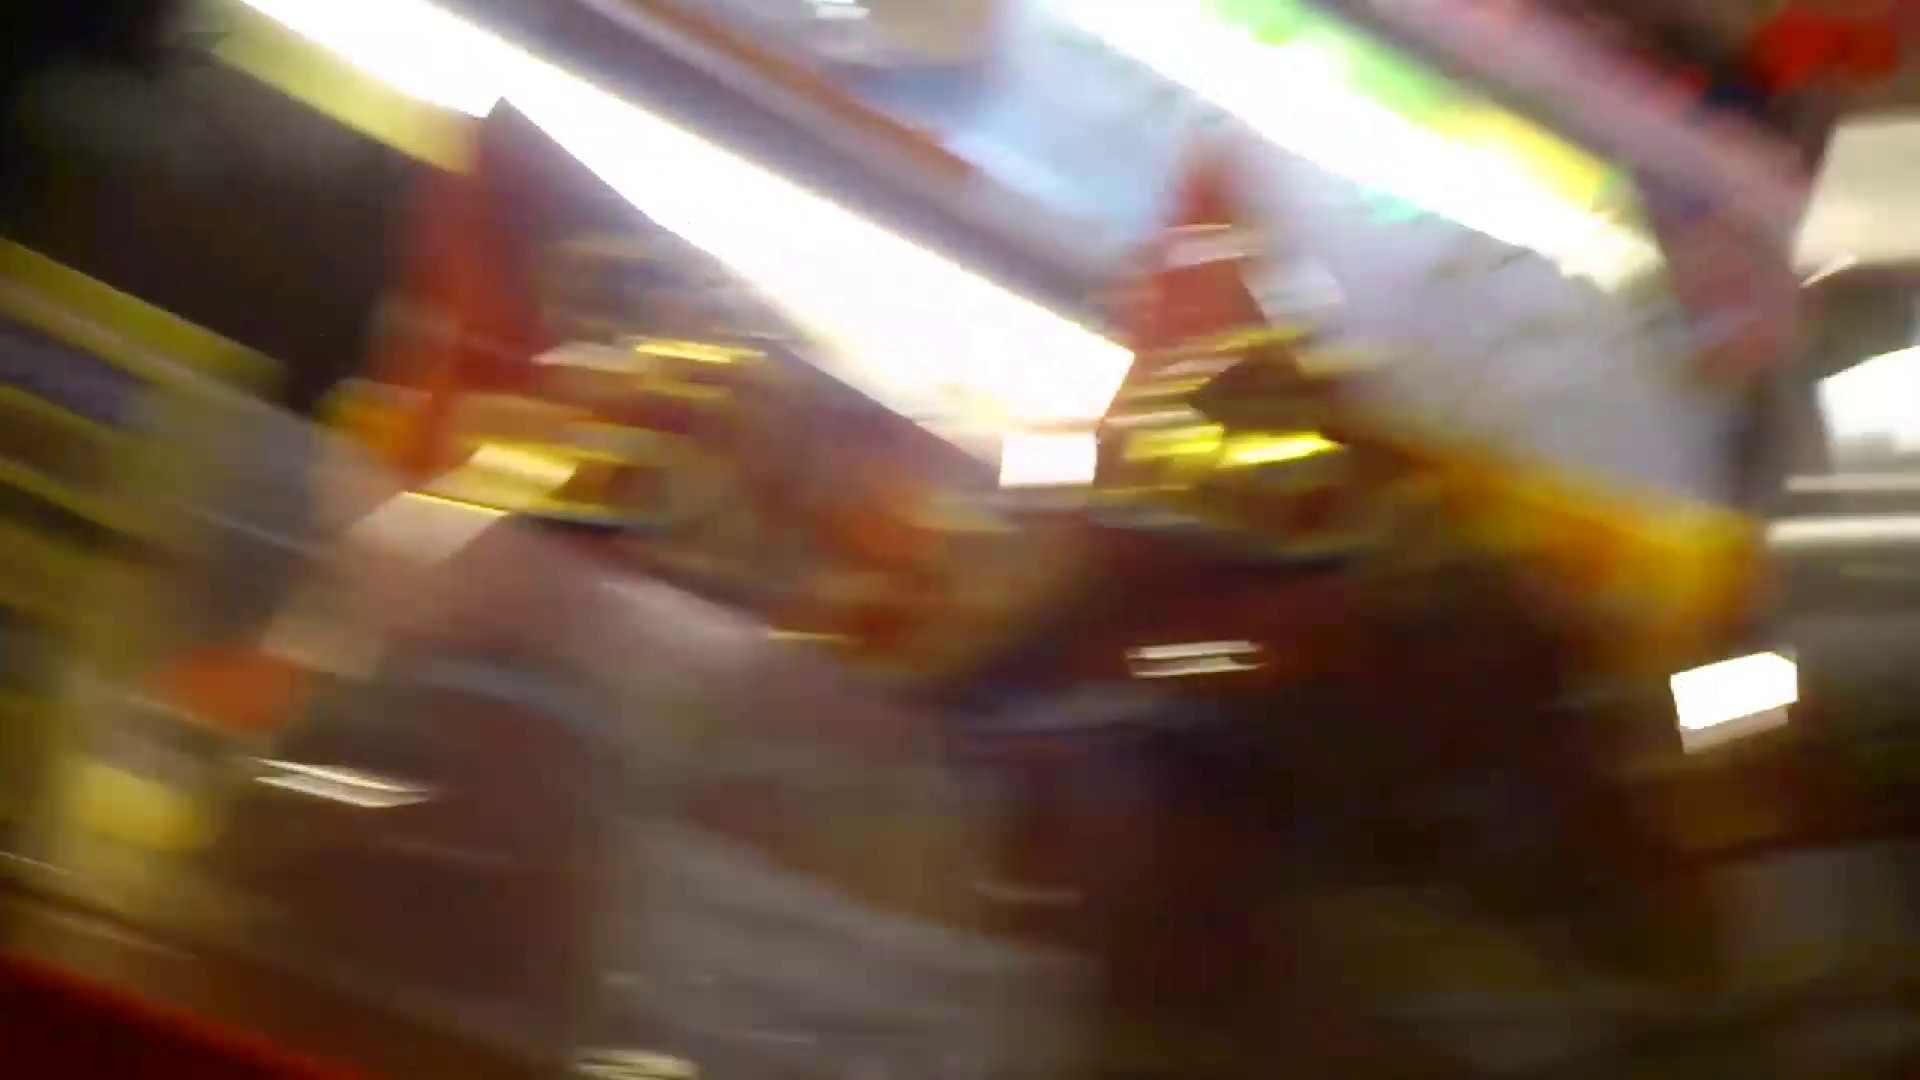 盗撮列車 Vol.53 OLの実態 | 盗撮  99pic 67